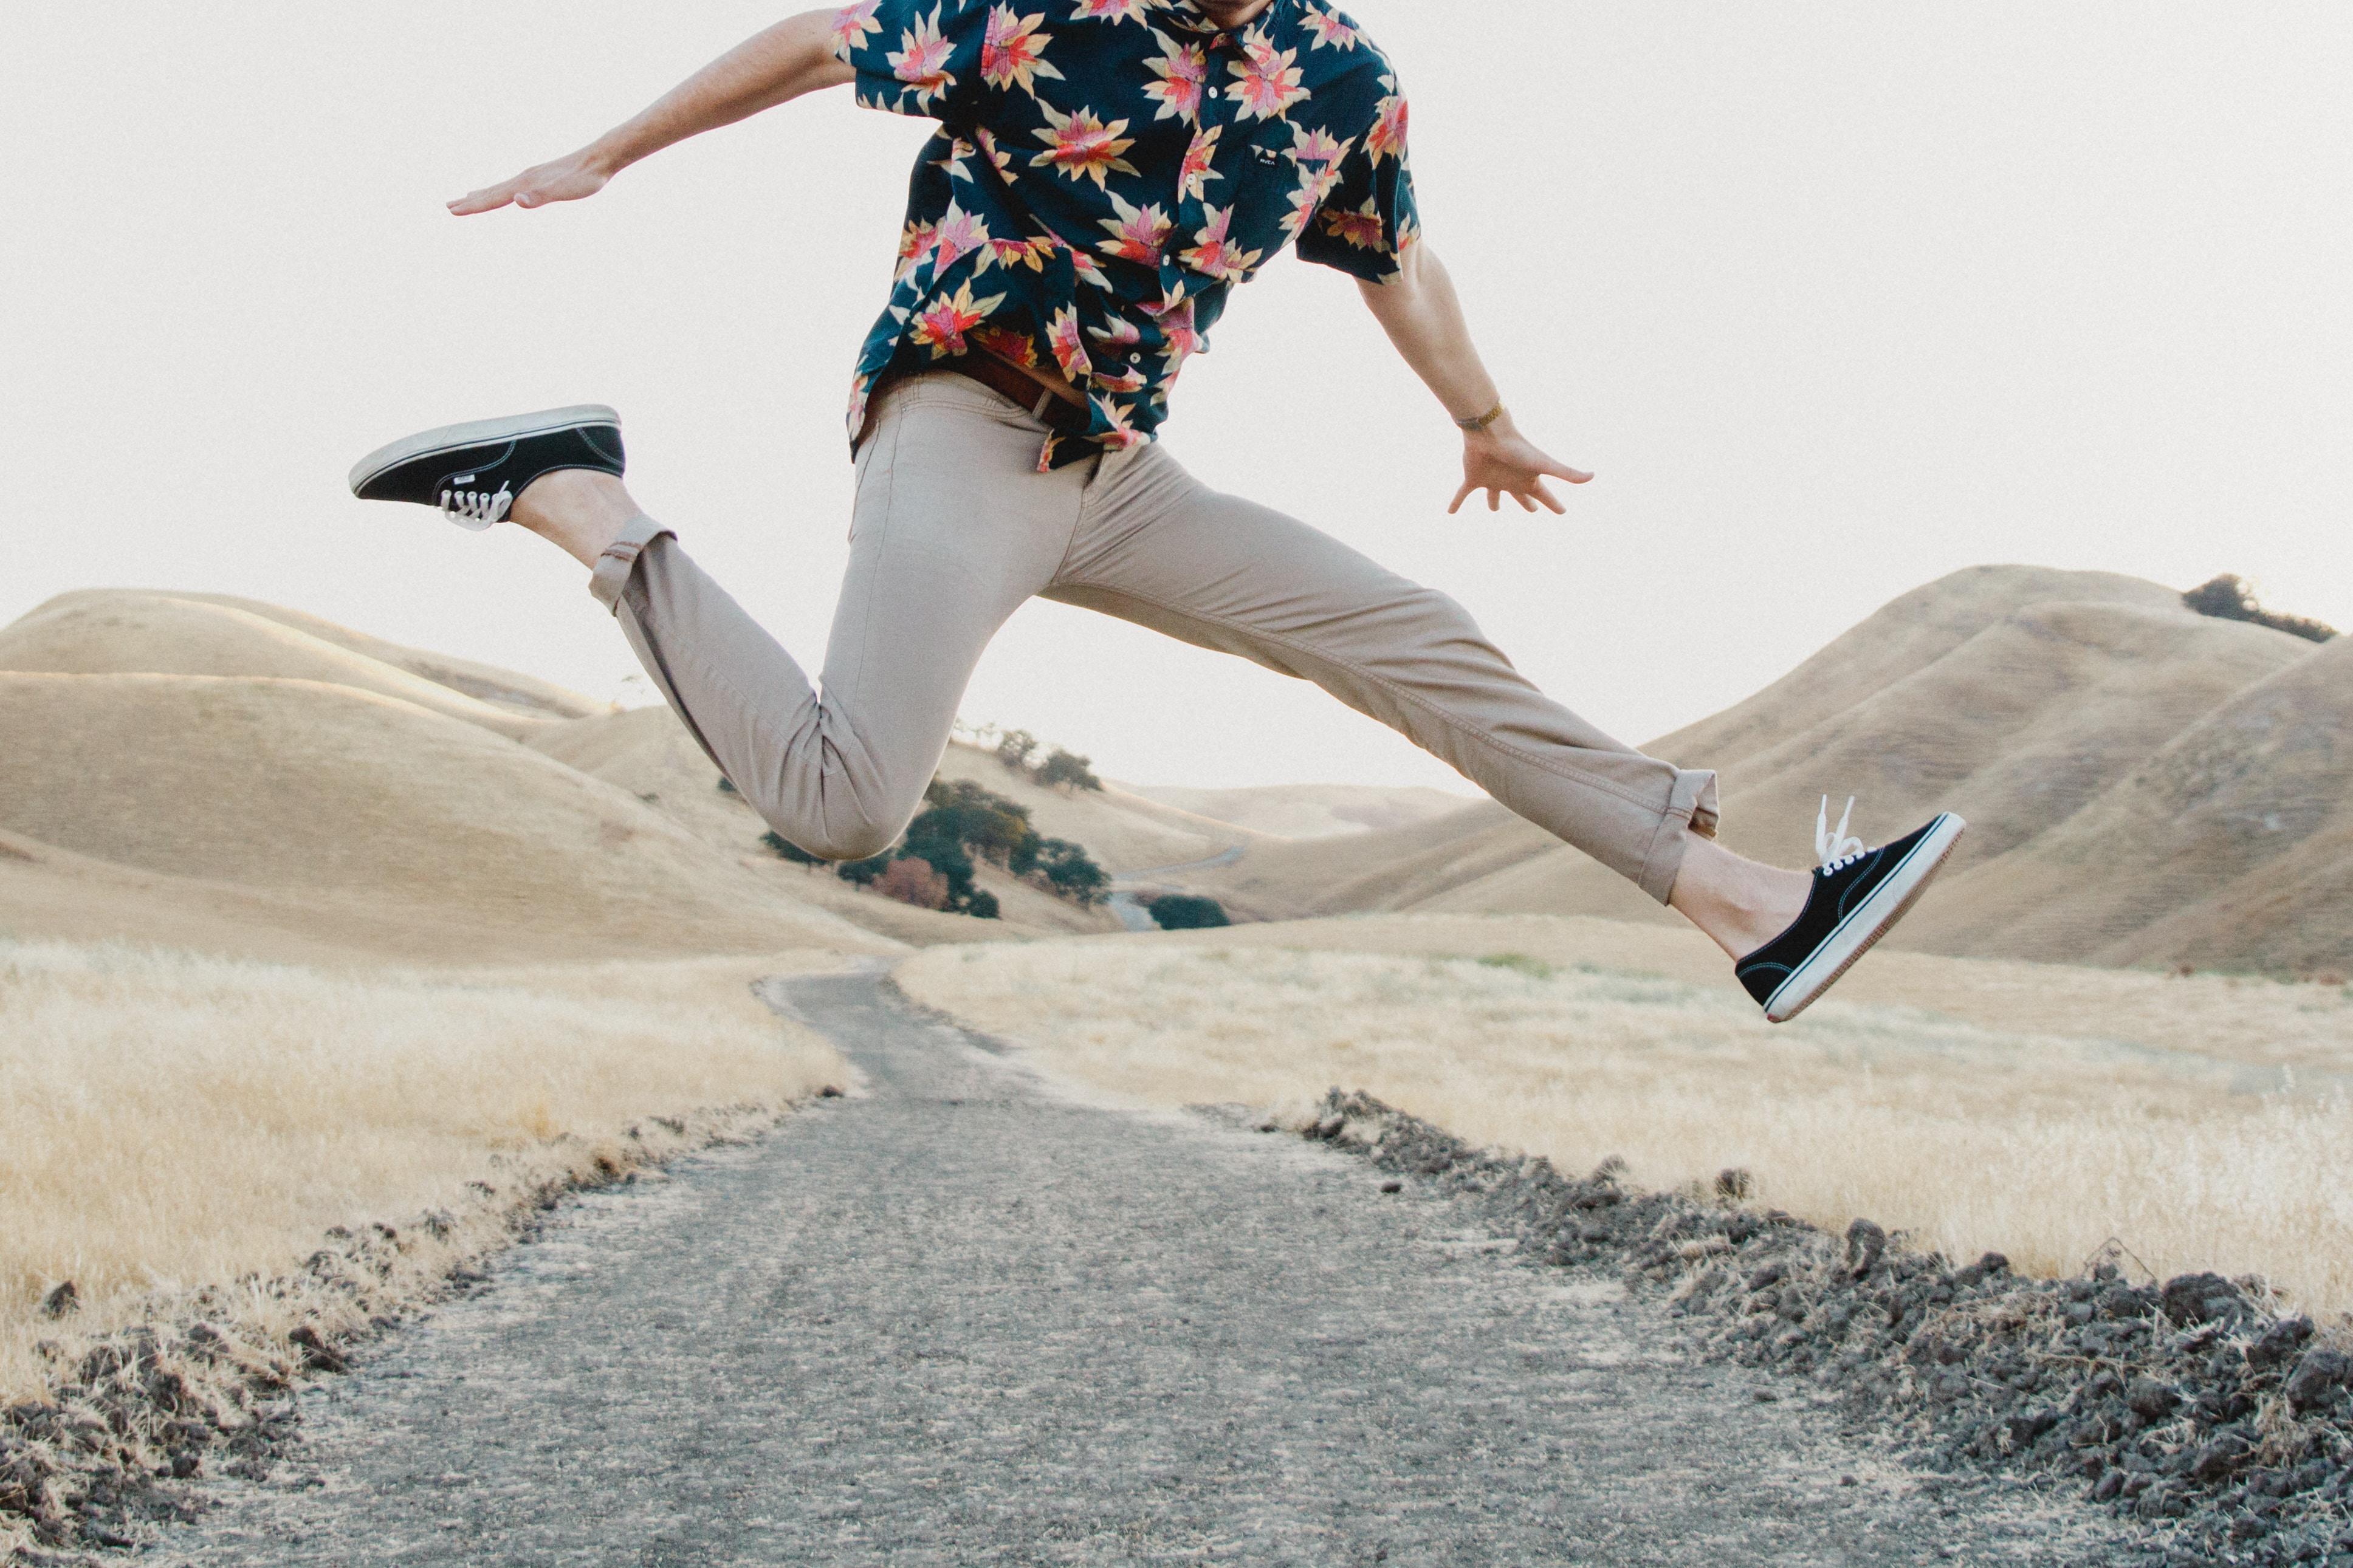 man in black shirt and gray pants jumping